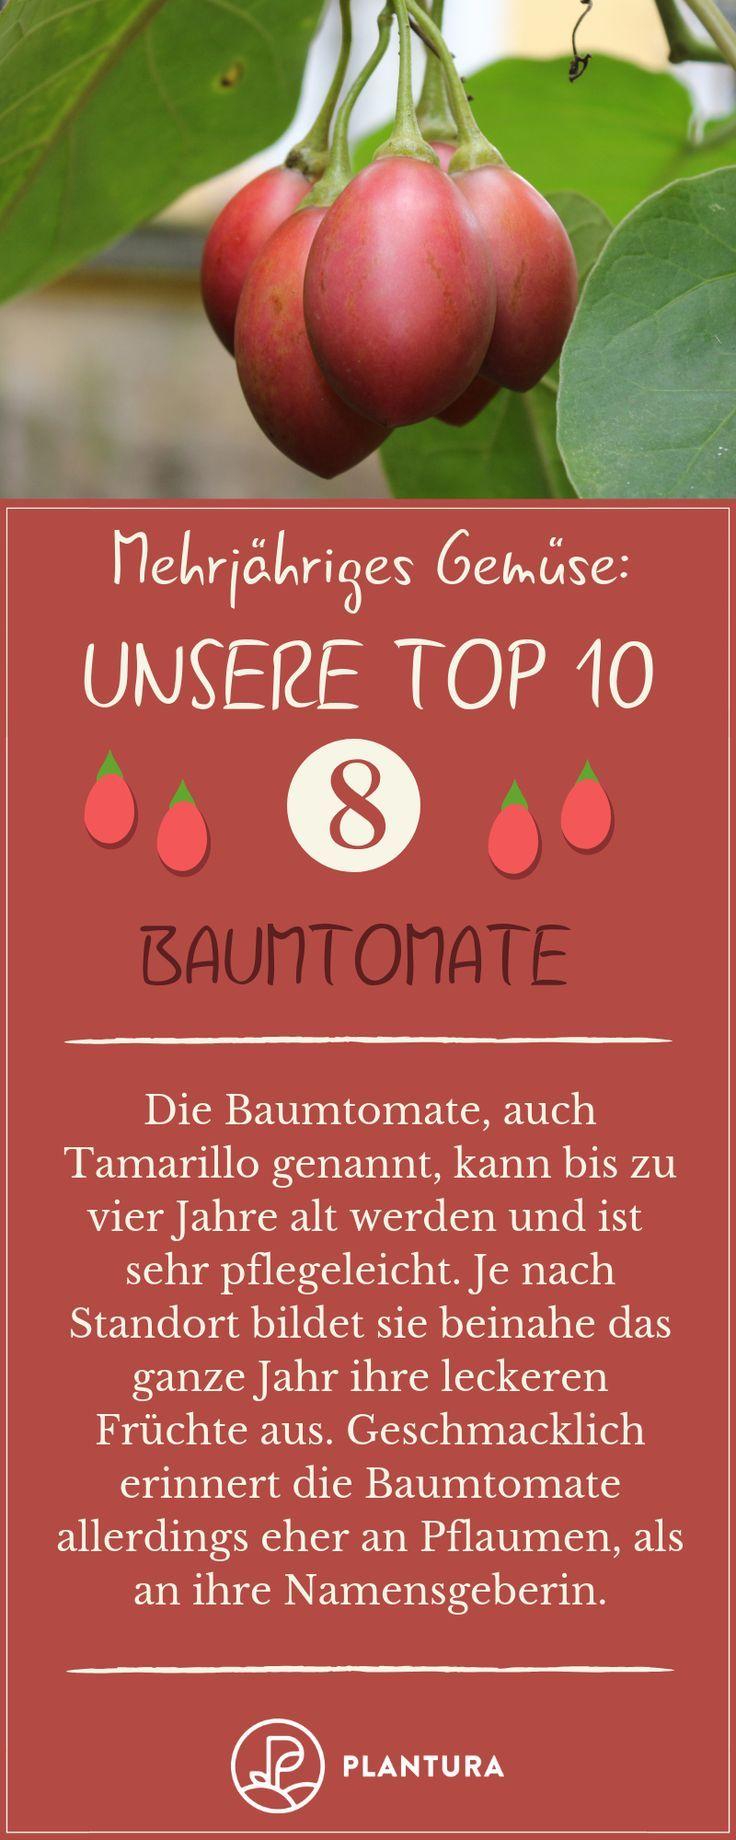 e8ae222ccd56 Mehrjähriges Gemüse: Die 10 besten Arten - #Arten #besten #die ...